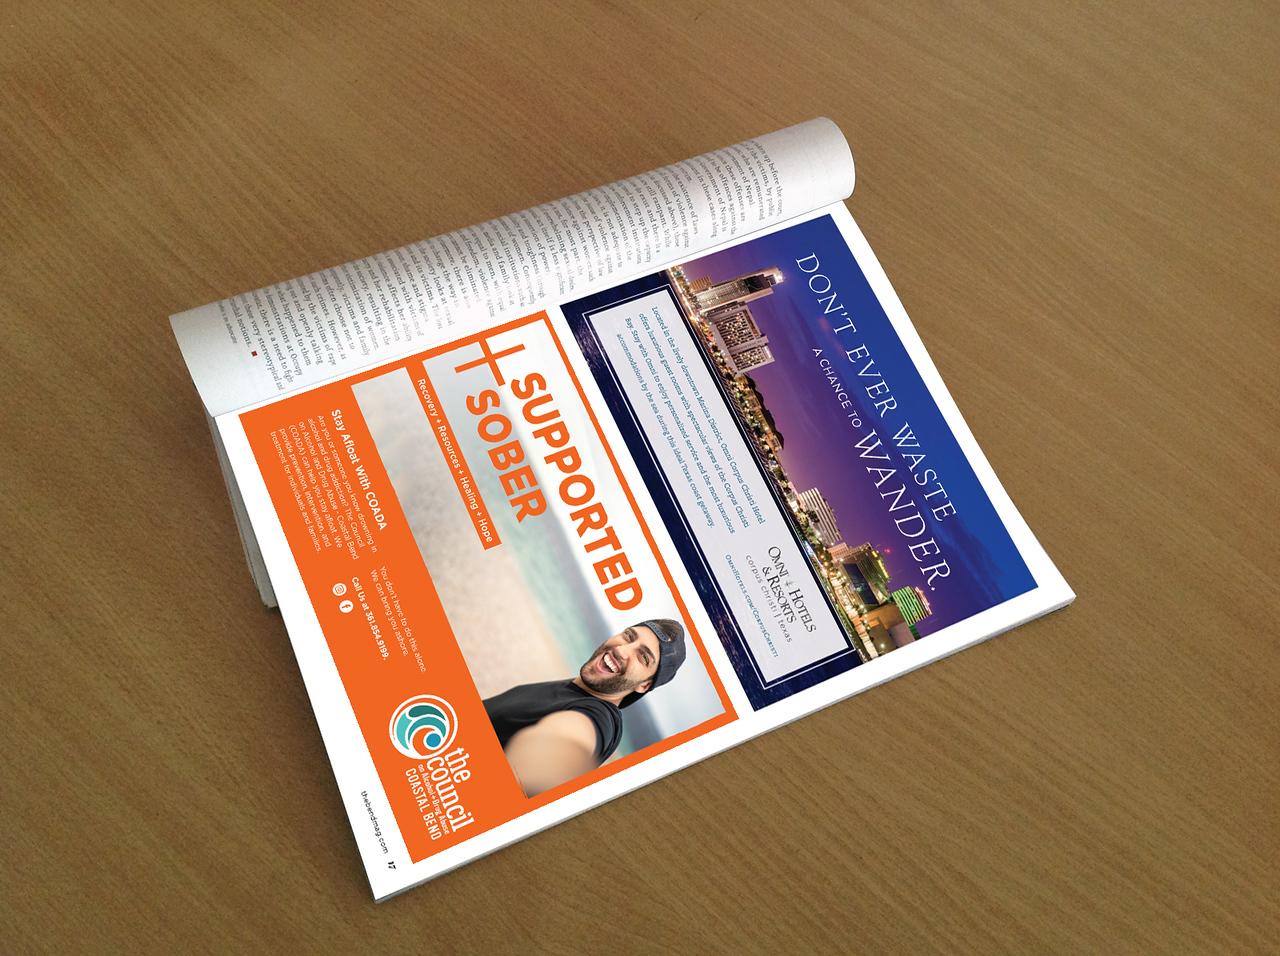 TheBendMag_Mockup_Half Page(2)_orange ad